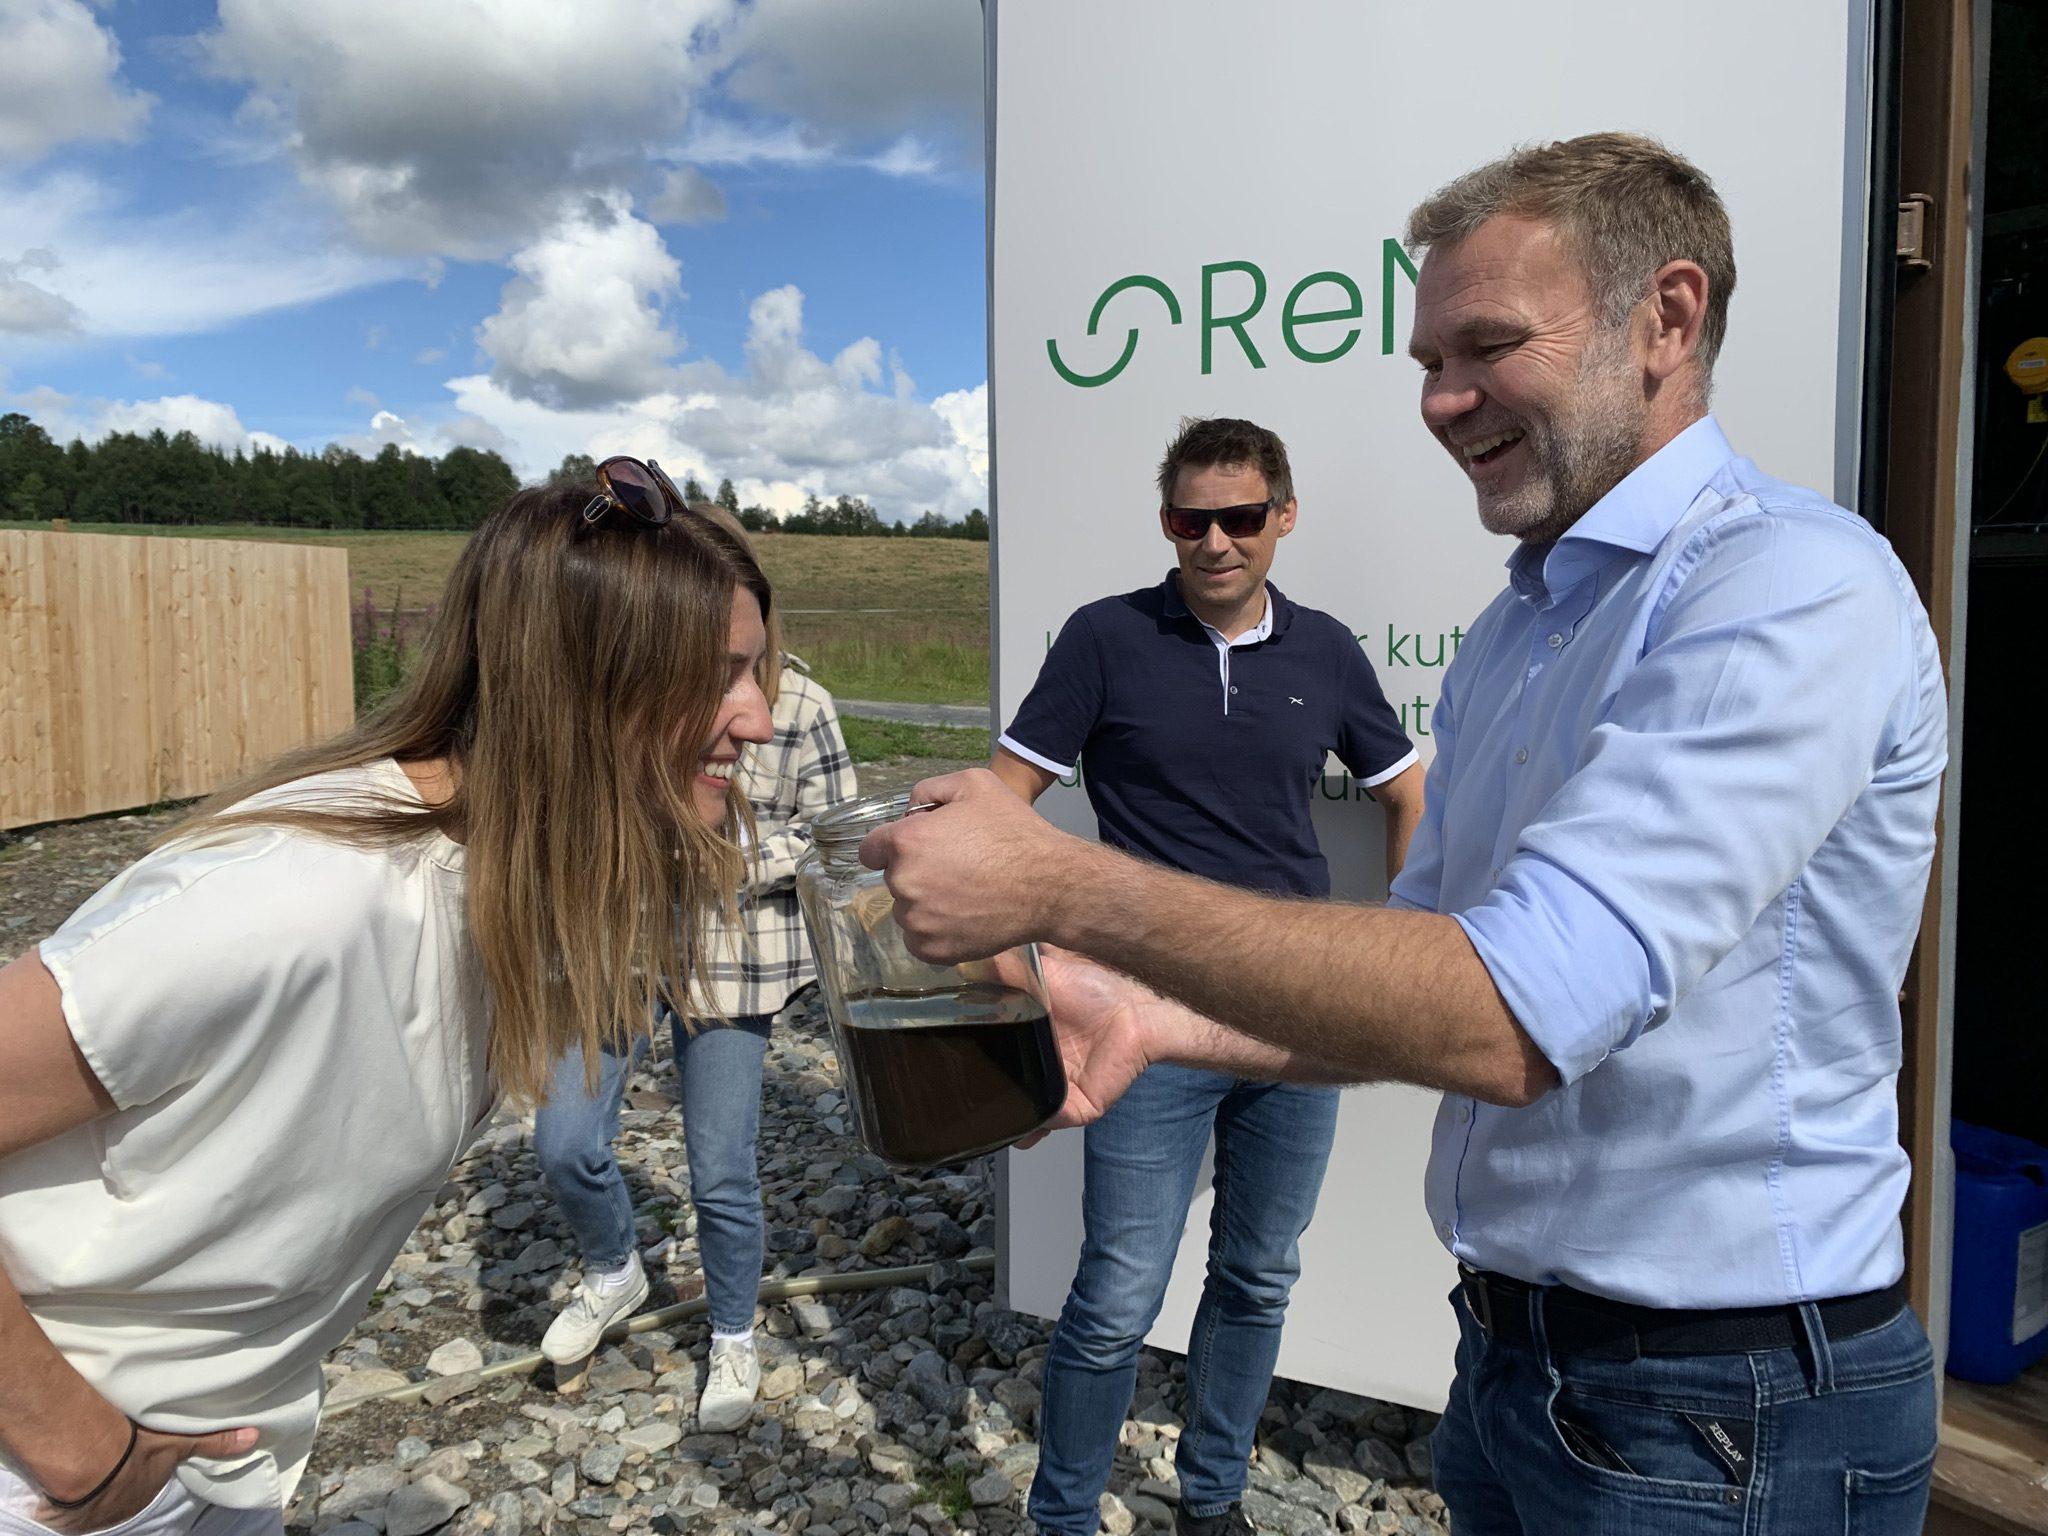 Ikke kjøttskam: Guro Angell Gimse, landbrukspolitisk talsperson i Høyre har stor tro på ReNeo kan bli et eksportprodukt. Arnt Sollie og Børge Stafne i Ren Røros konstaterer at hun er nysgjerrig. Foto: Ren Røros Frontal